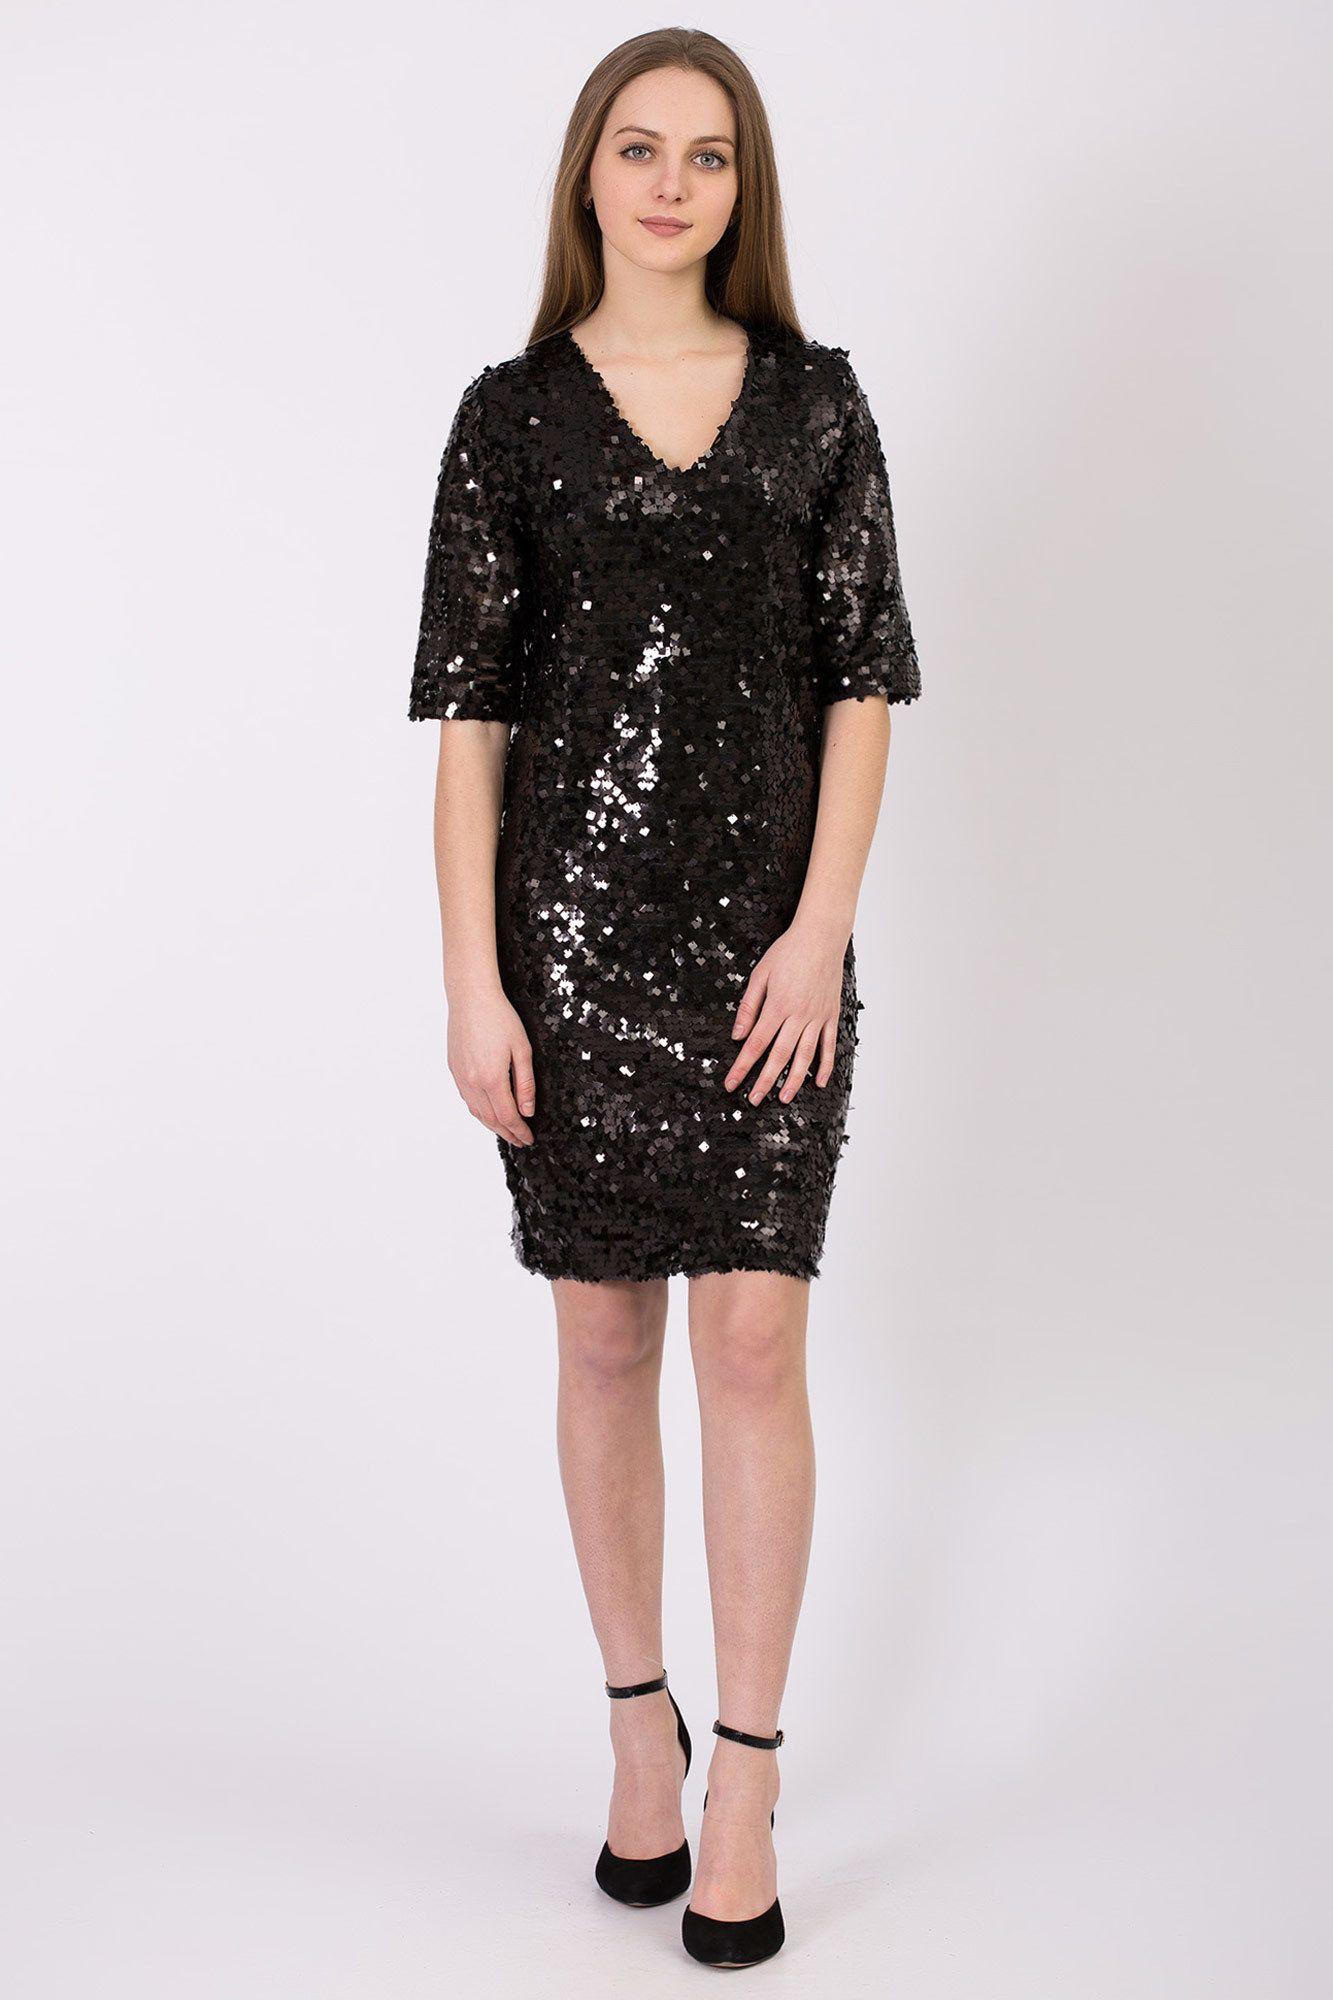 ccfa4fdc426 Чёрное трикотажное платье VANESSA с блестящими пайетками Garne ...